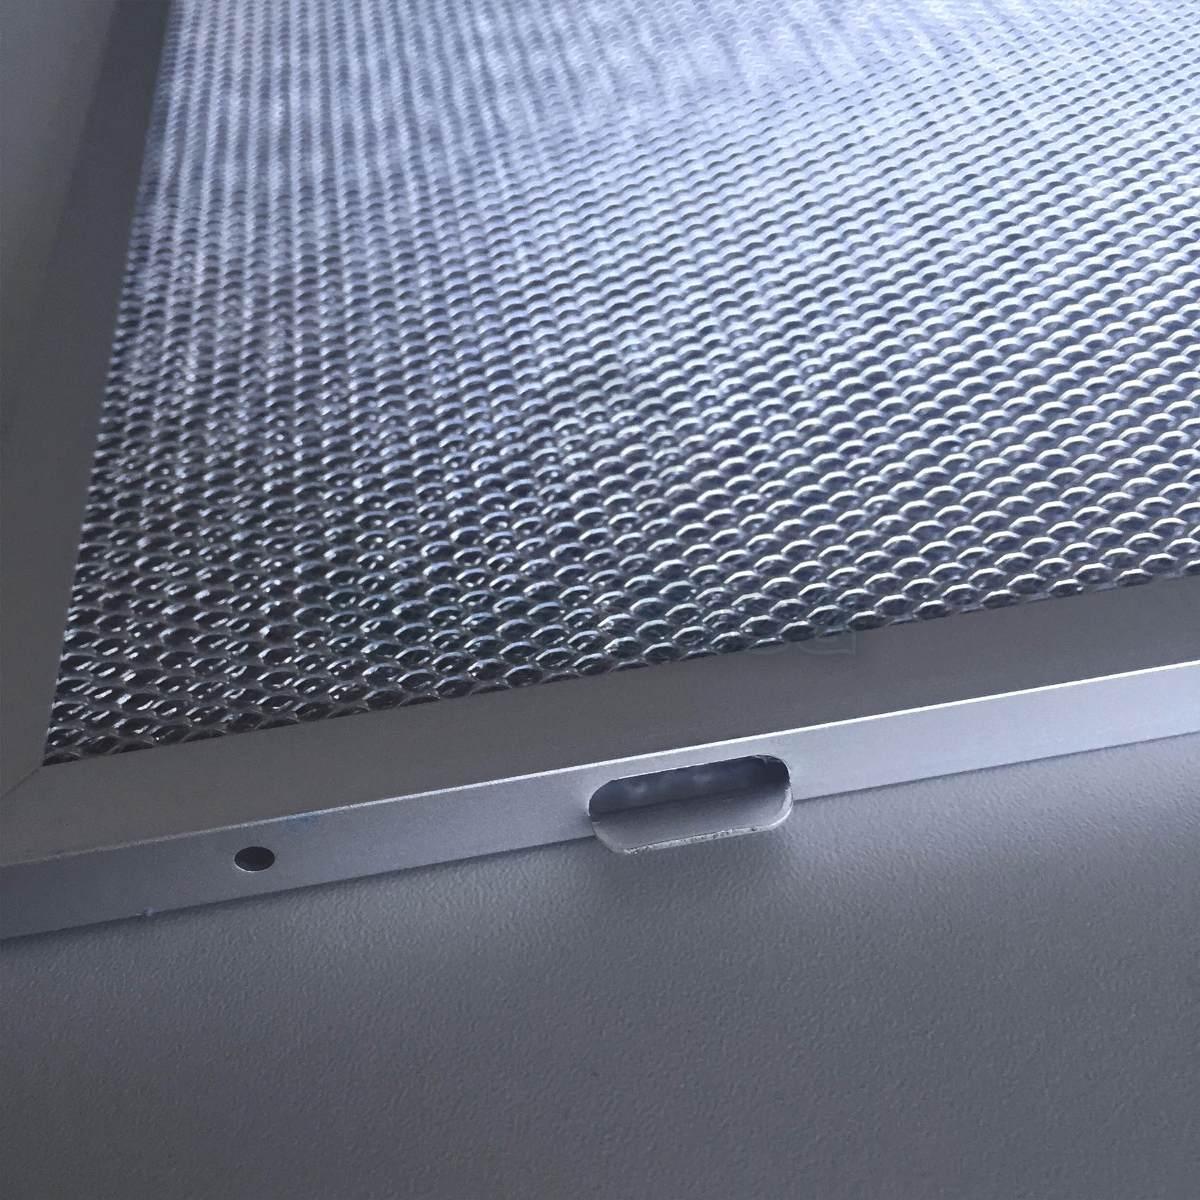 Filtro tela met lico aluminio lav vel coifa electrolux - Tela mosquitera aluminio ...